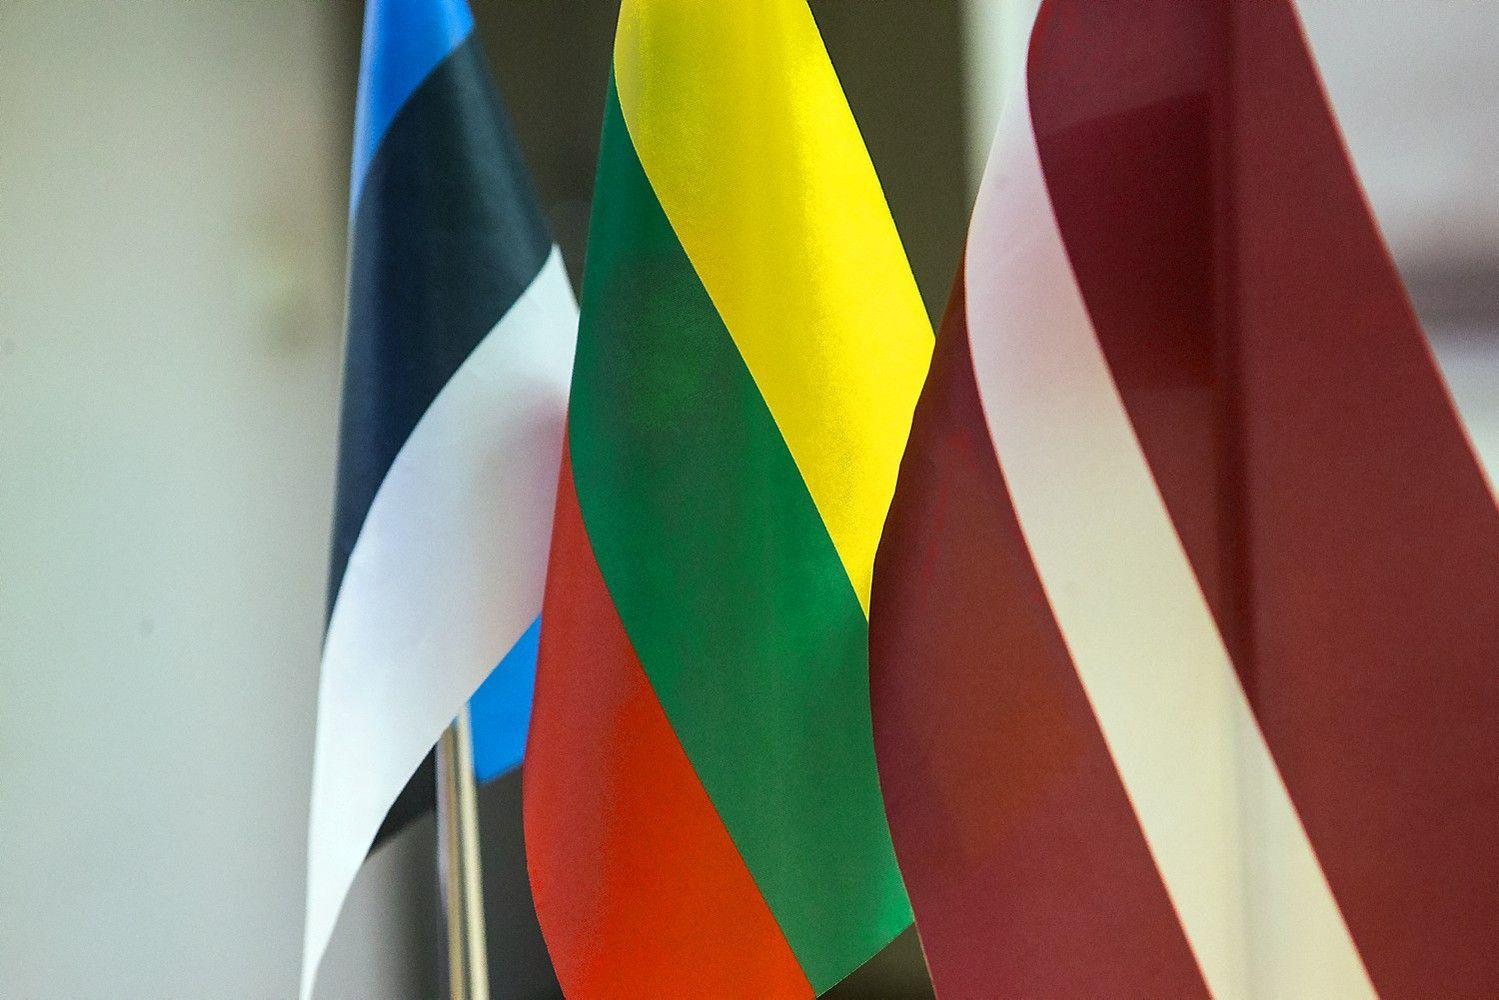 Tris Baltijos šalis verslas paverčia vieno mechanizmo krumpliaračiais